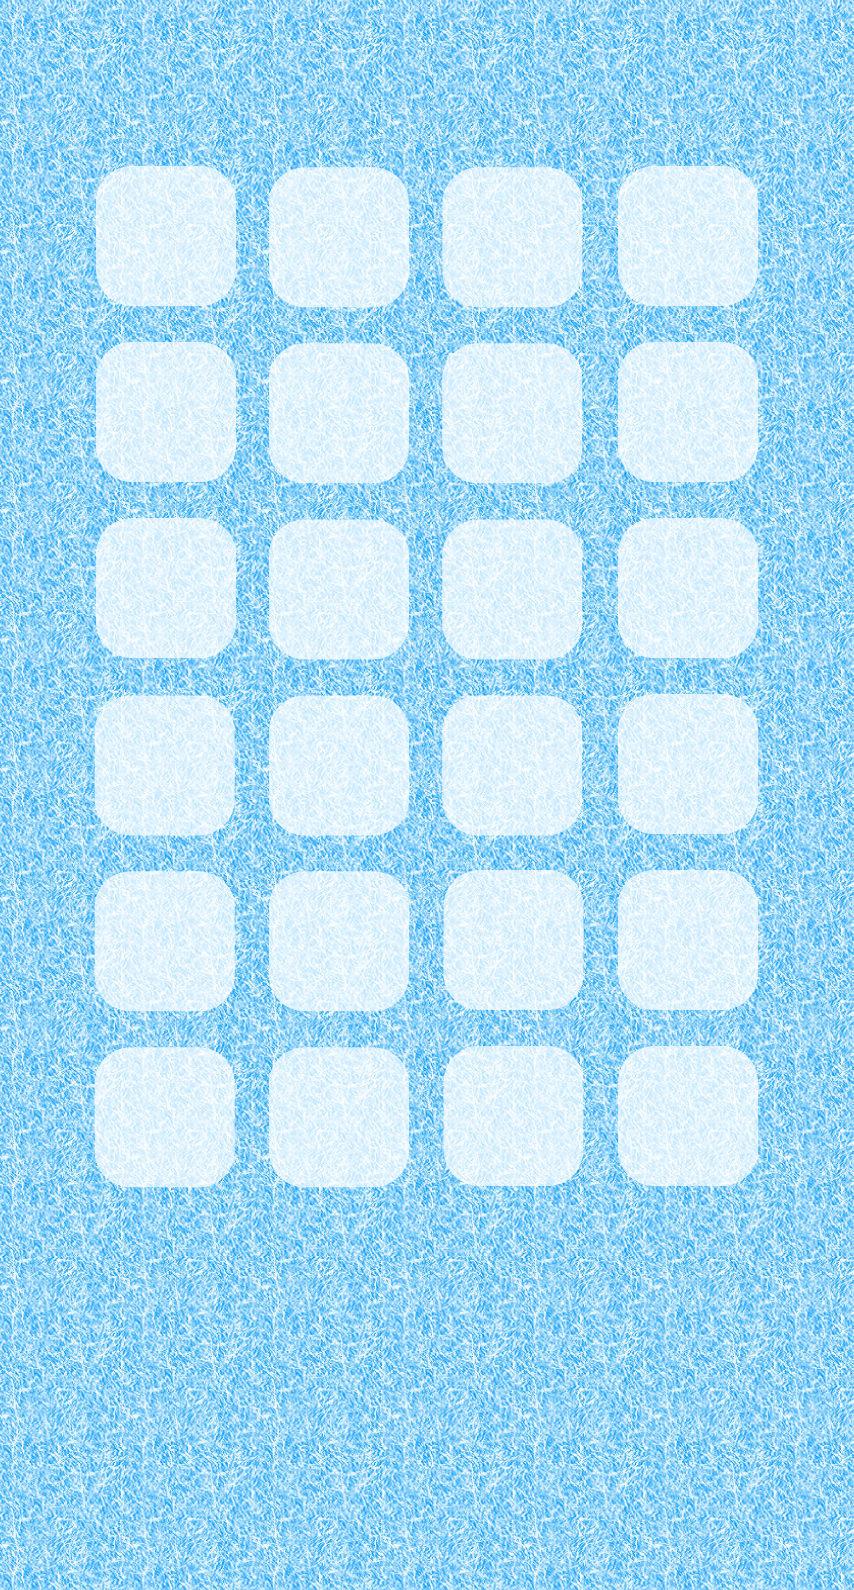 ライトブルー 棚 Iphone6壁紙 Wallpaperbox